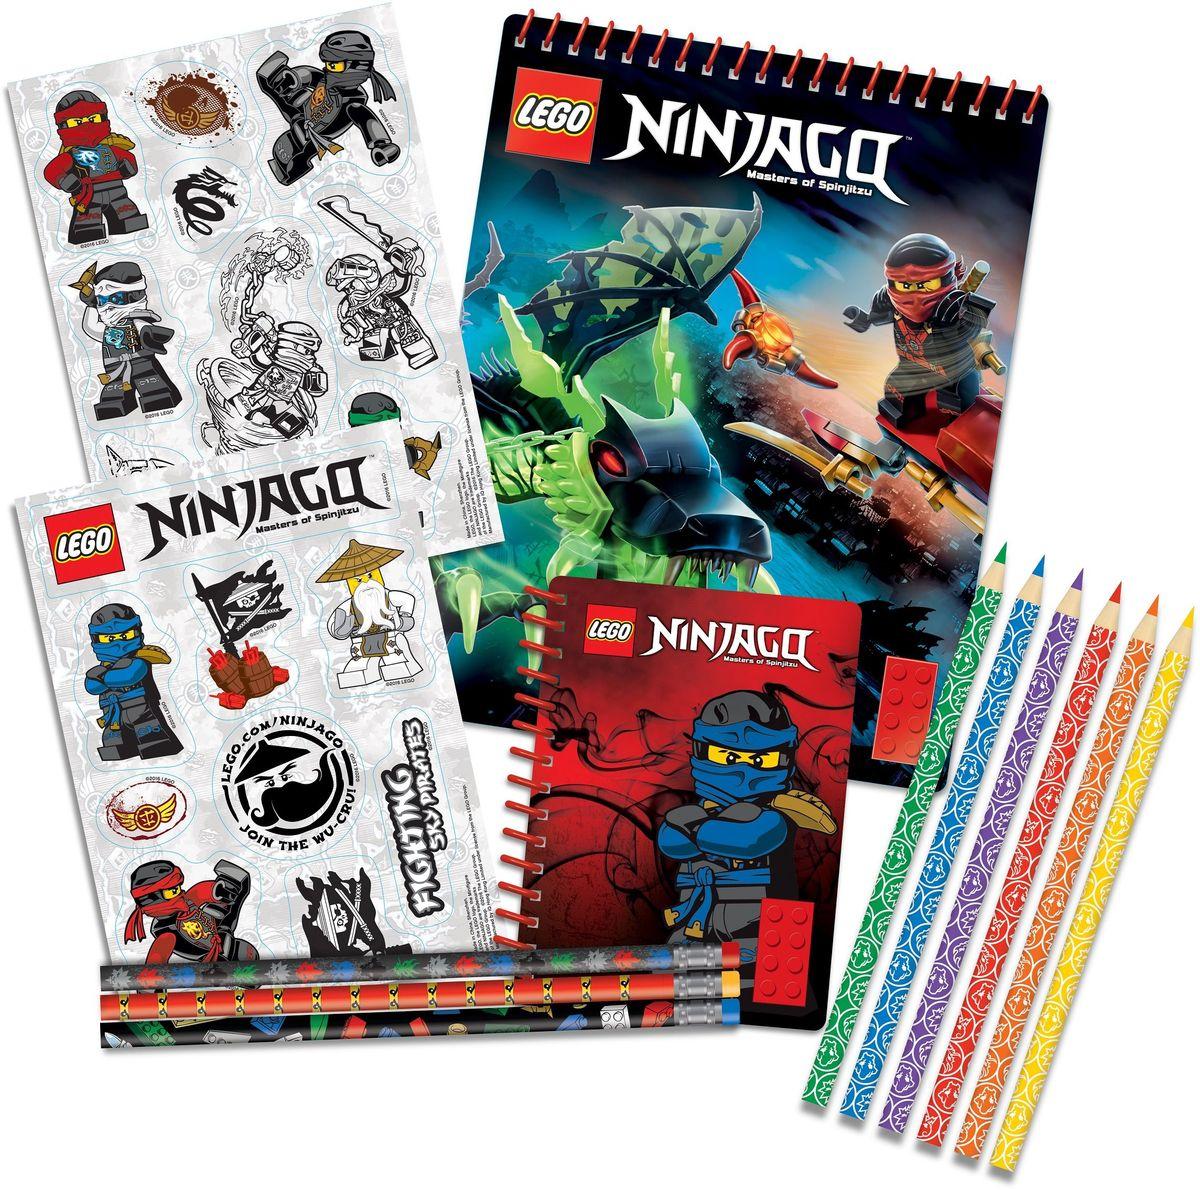 LEGO Ninjago Канцелярский набор 13 предметов 5163172523WDКанцелярский набор LEGO Ninjago станет замечательным подарком для любого школьника, увлекающегося конструкторами LEGO.Набор включает в себя три простых карандаша с ластиками, 6 цветных карандашей, блокнот на спирали (100 листов), альбом для рисования на спирали (60 листов) и два листа с наклейками.Набор канцелярских принадлежностей - стильные и незаменимые аксессуары на каждый день!